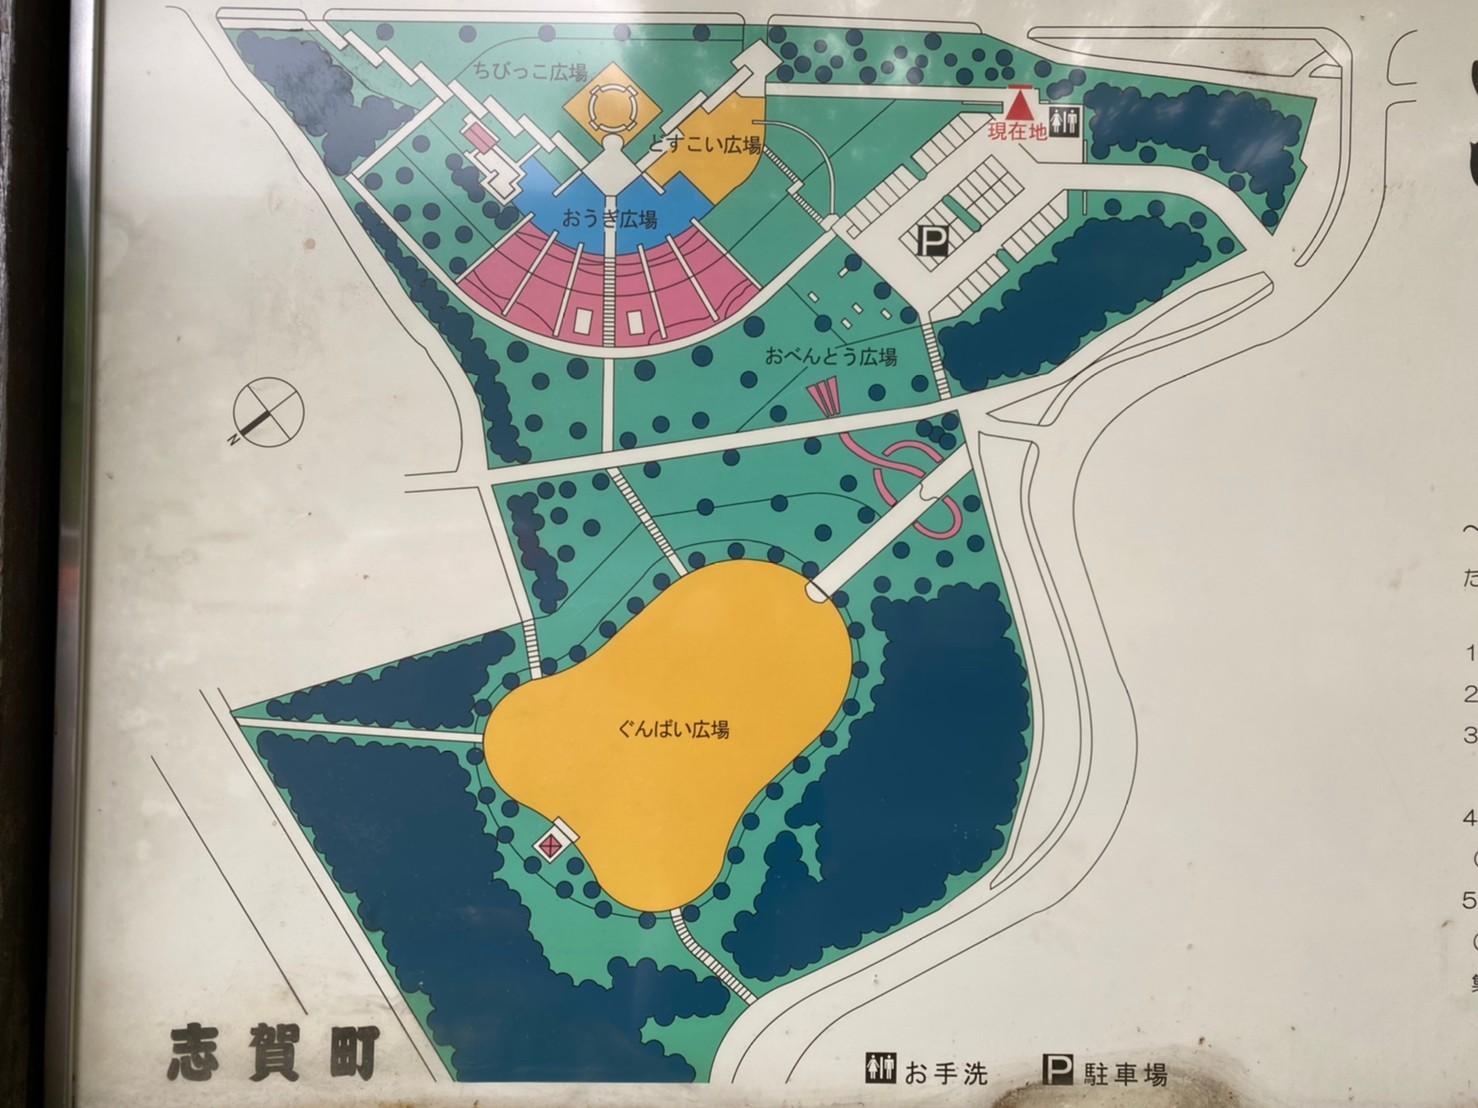 【大津市】『清林パーク(すもうパーク)』情報まとめ(遊具・駐車場・トイレ)